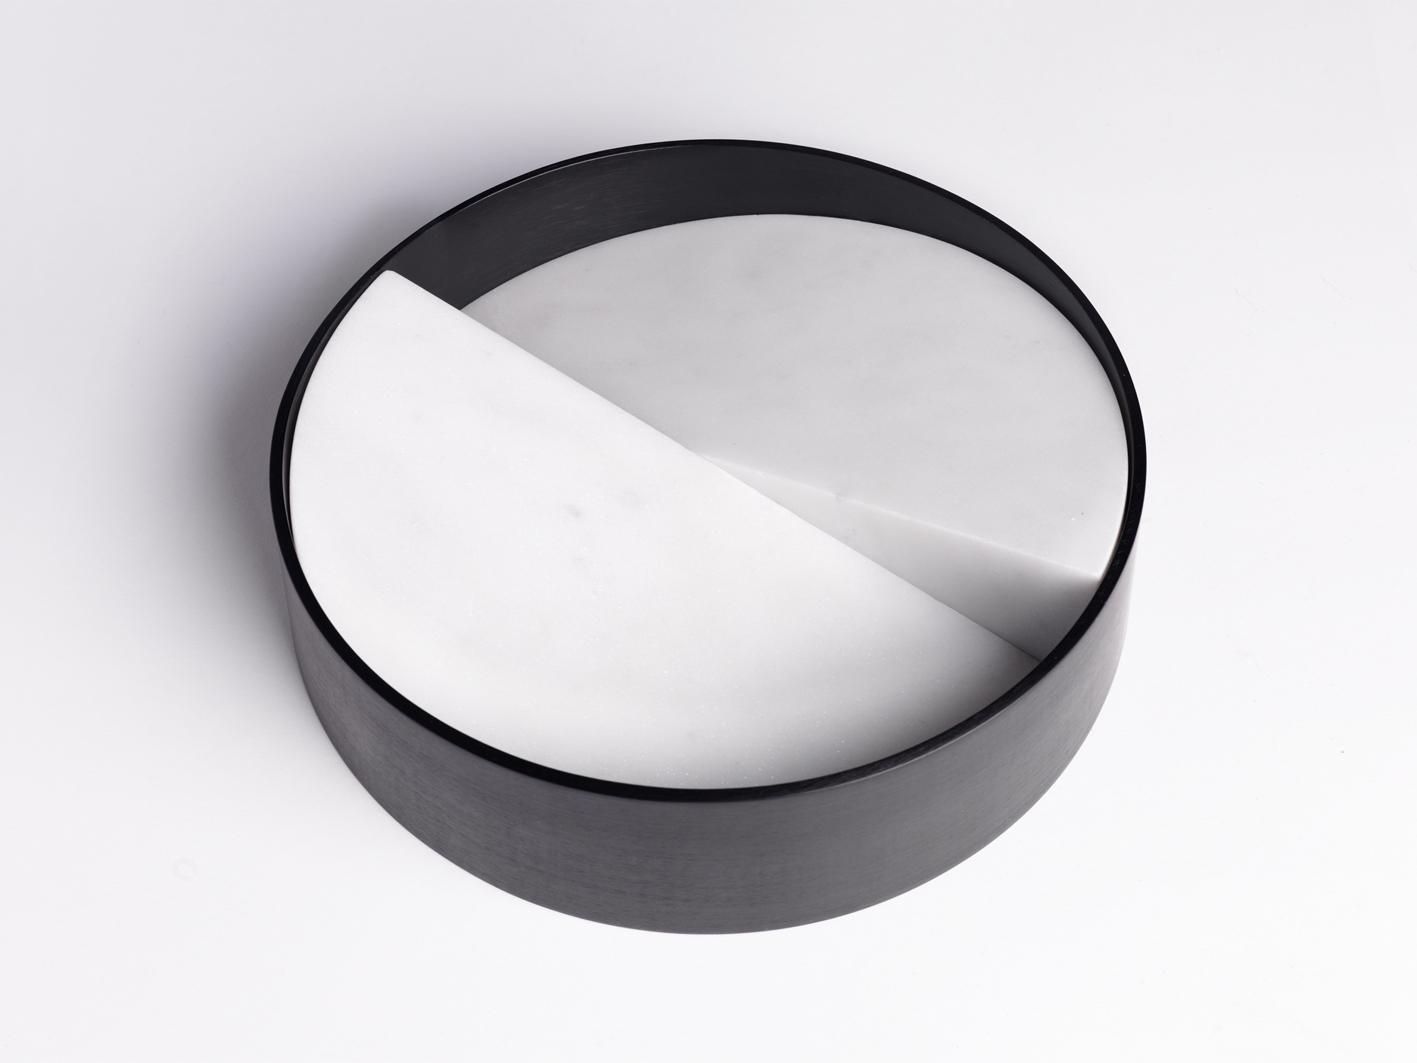 Let it slide Ciotola   Marmo di Carrara e Alluminio Anodizzato Nero   Minimal Design  Isabell Gatzen   Spazio Materiae   Napoli